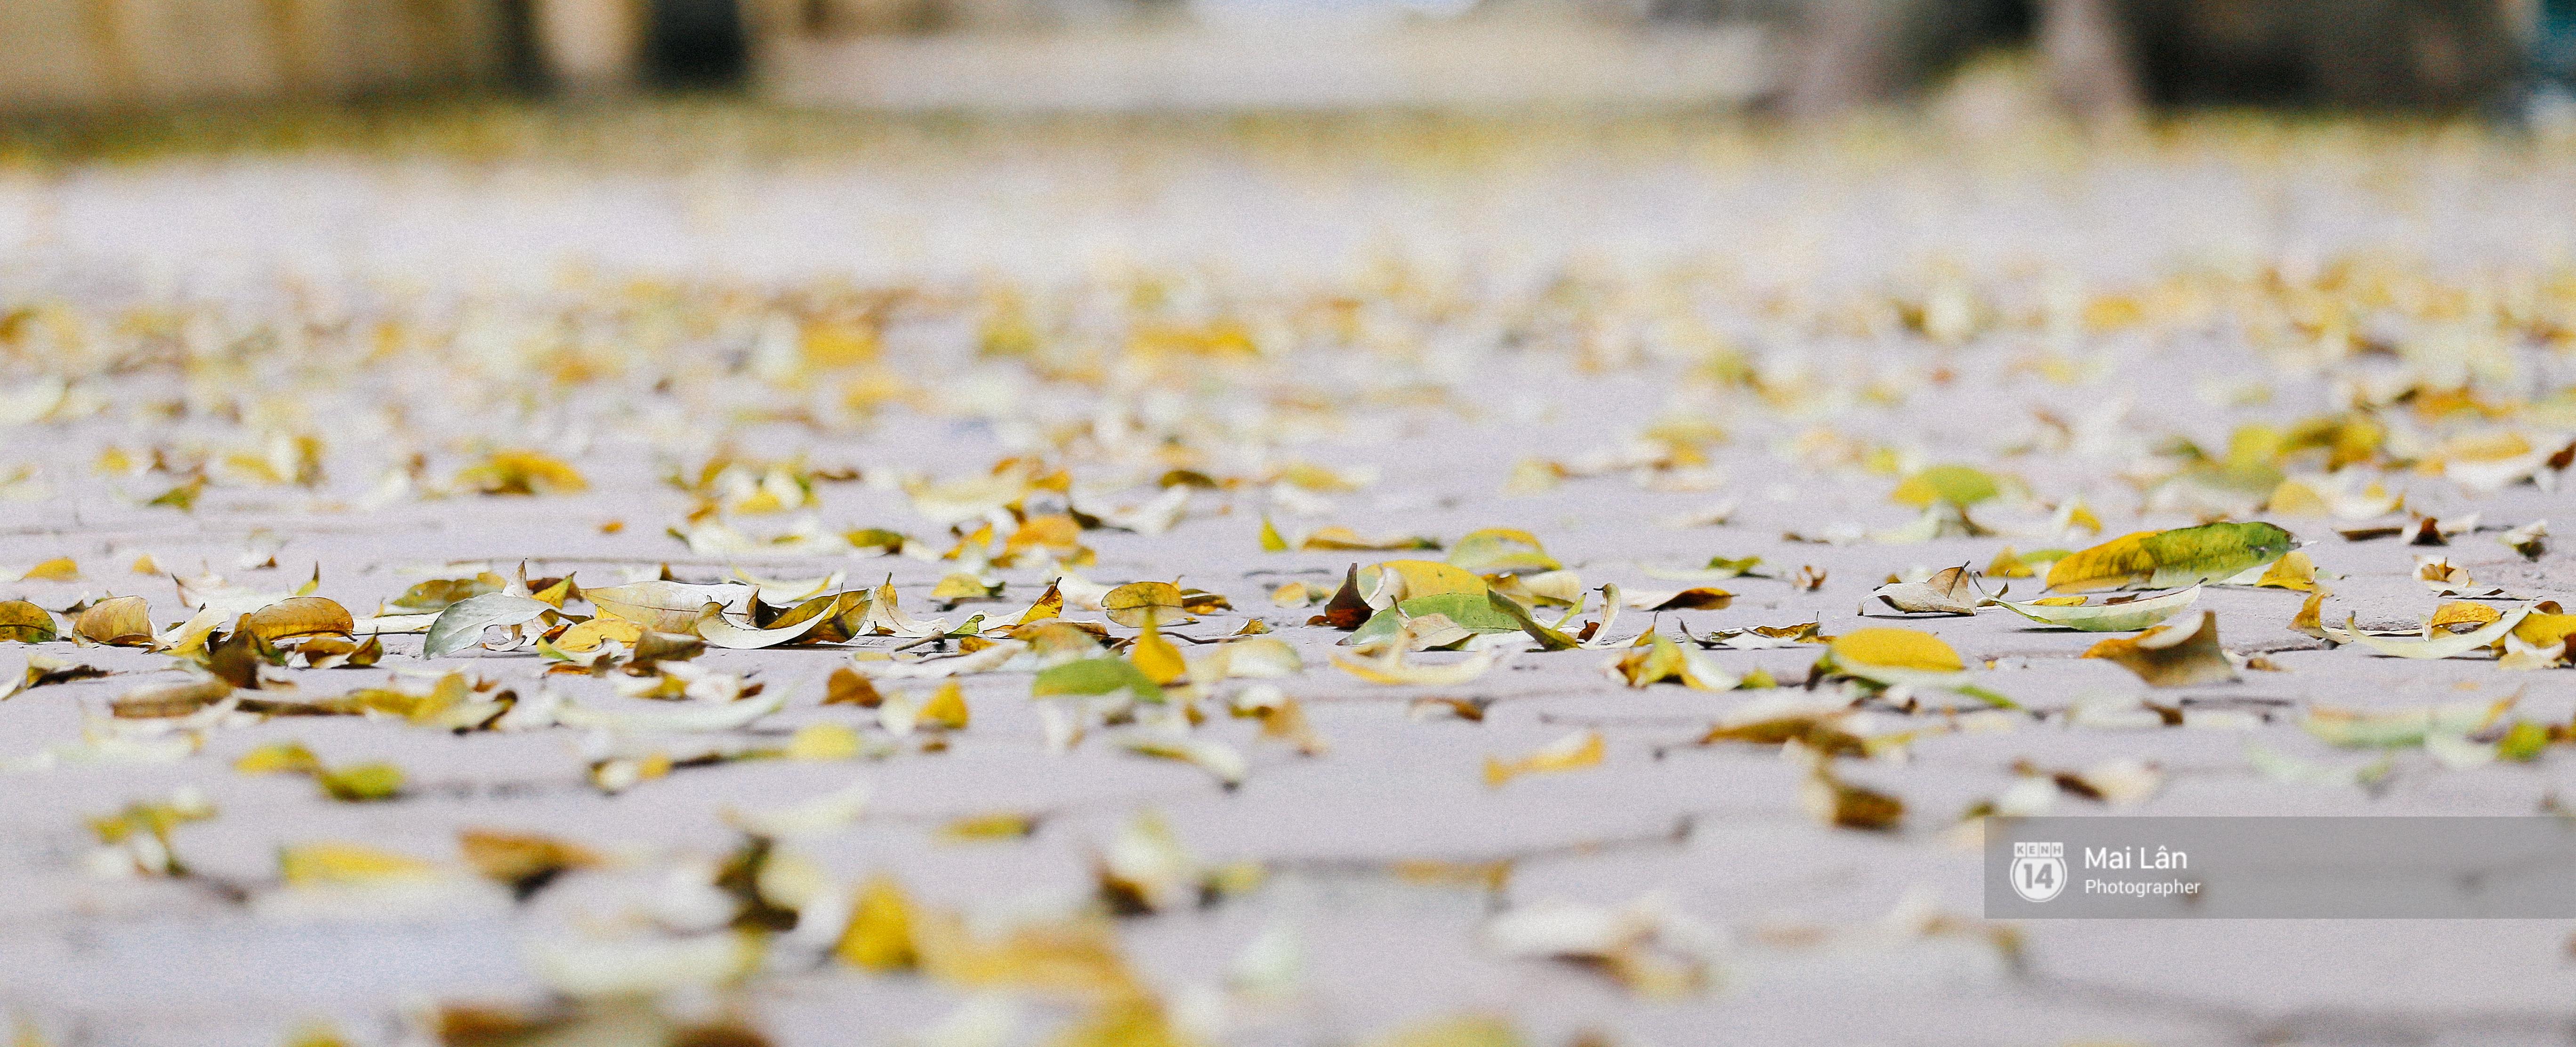 Những ngày Hà Nội rất nóng, nhưng lòng dịu lại vì cảnh lá rụng đẹp như mùa thu thứ 2 - Ảnh 12.